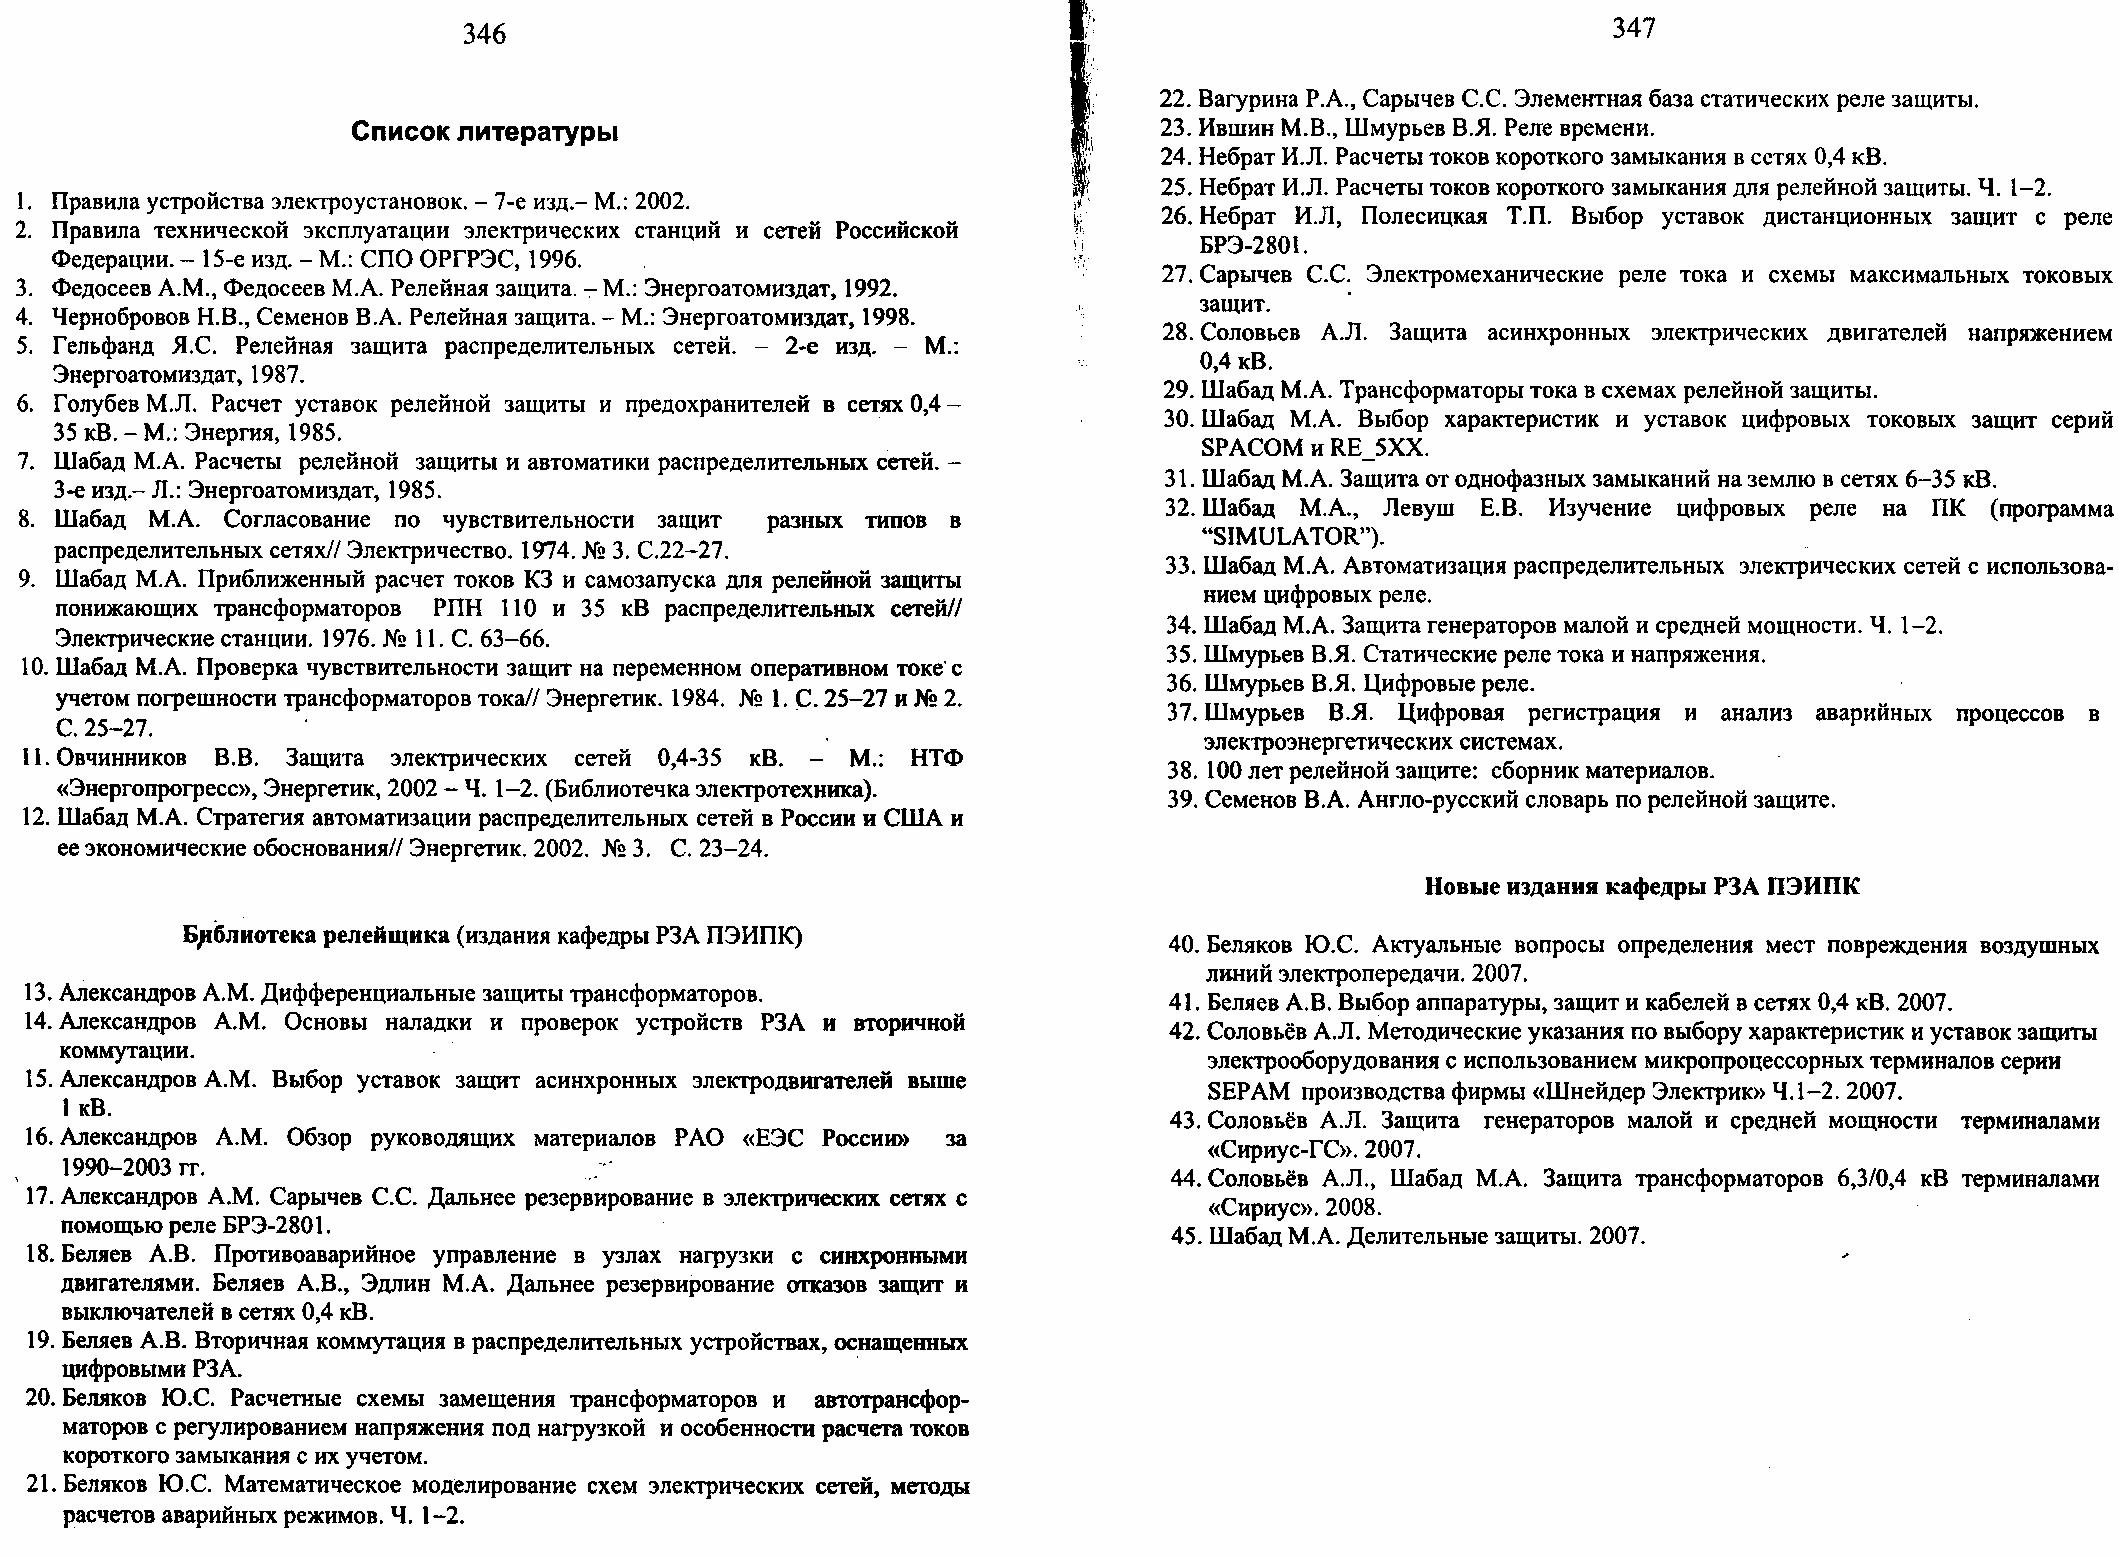 Инструкция по проверке трансформаторов тока, используемых в схемах релейной защиты и измерения - файл 1.doc